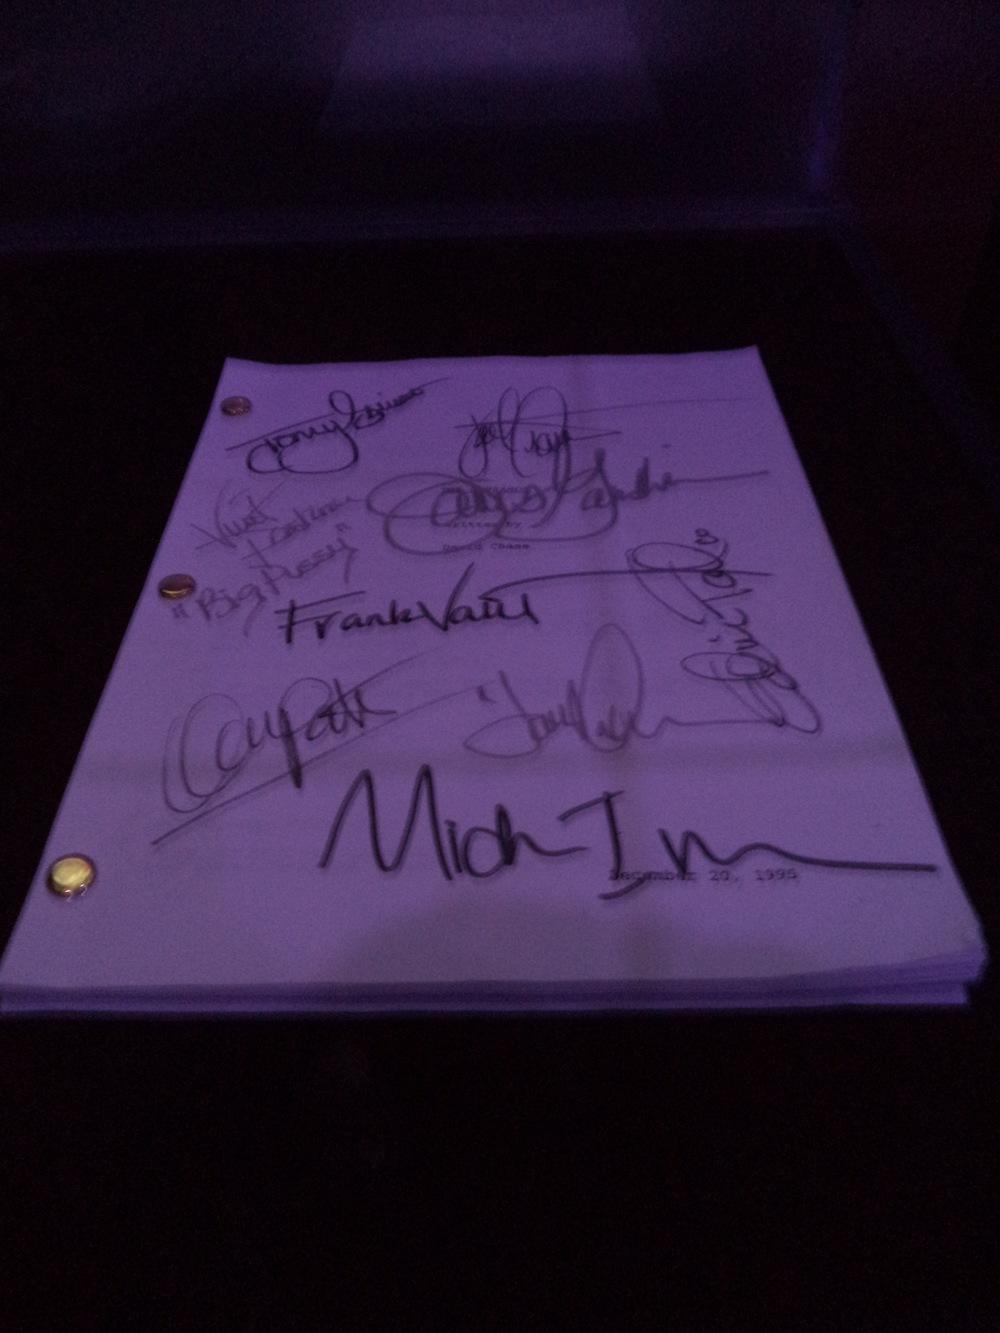 Cast Autographed Sopranos script